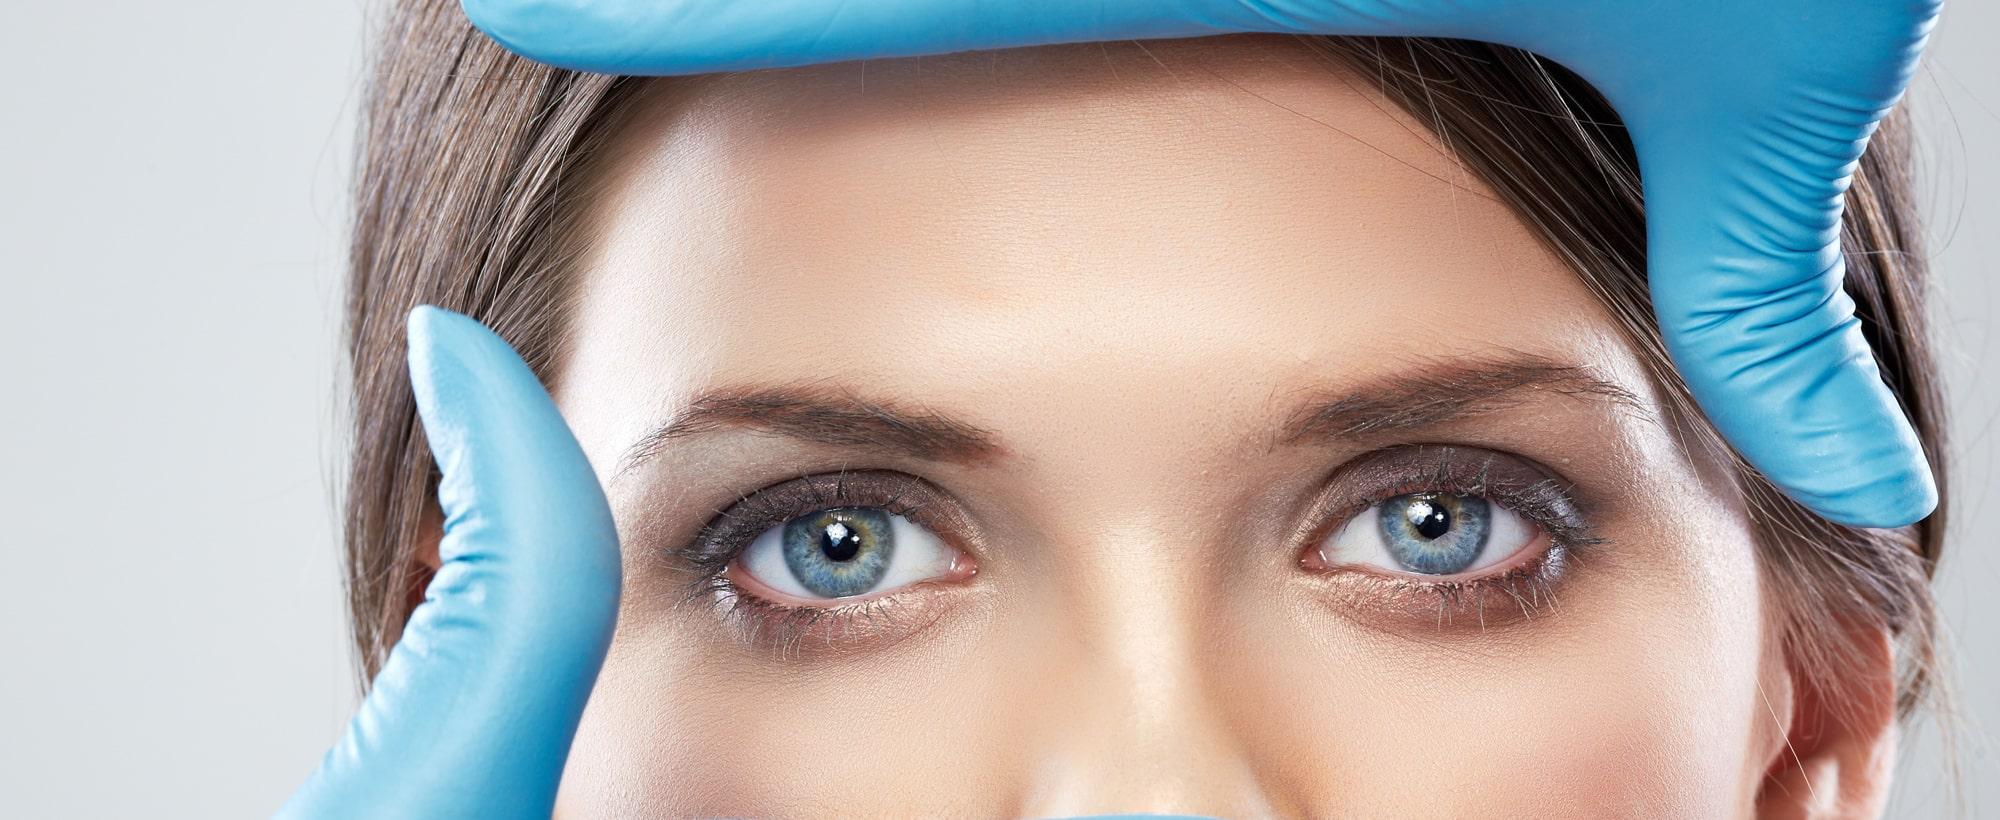 Plexr® blépharoplastie sans chirurgie